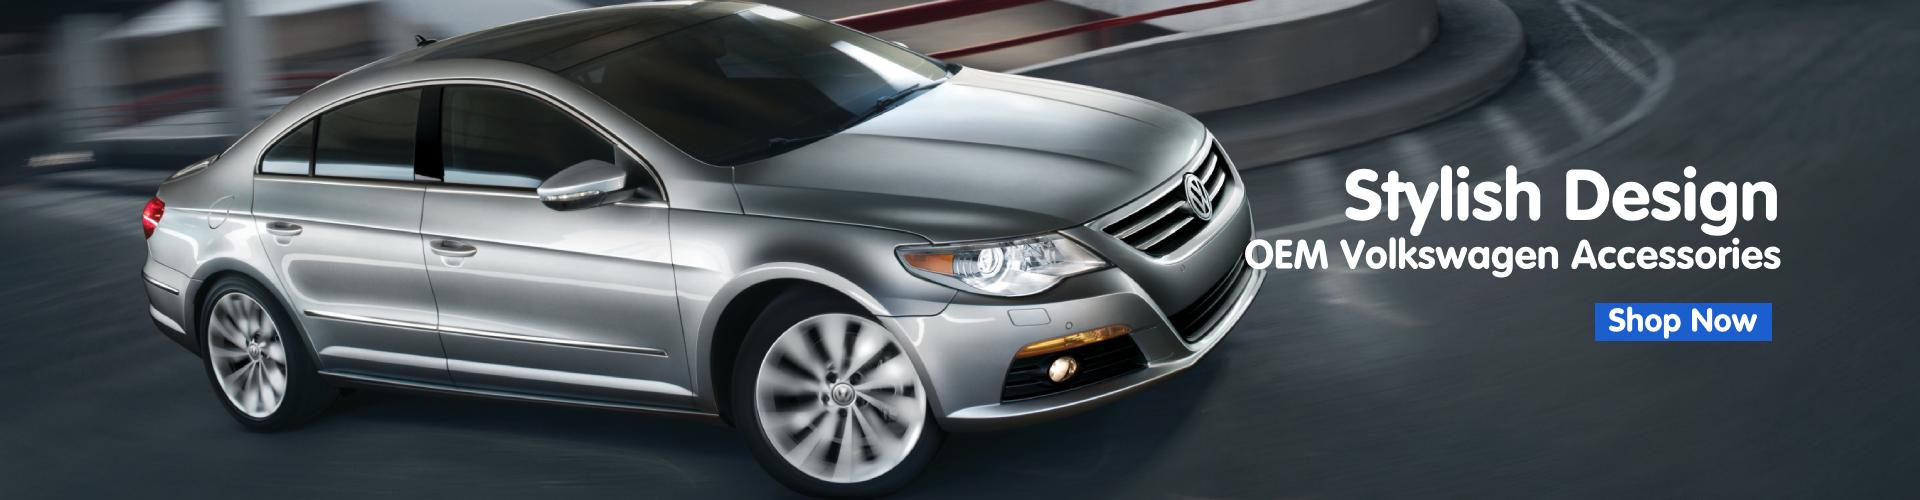 Volkswagen Accessories OEM Accessories